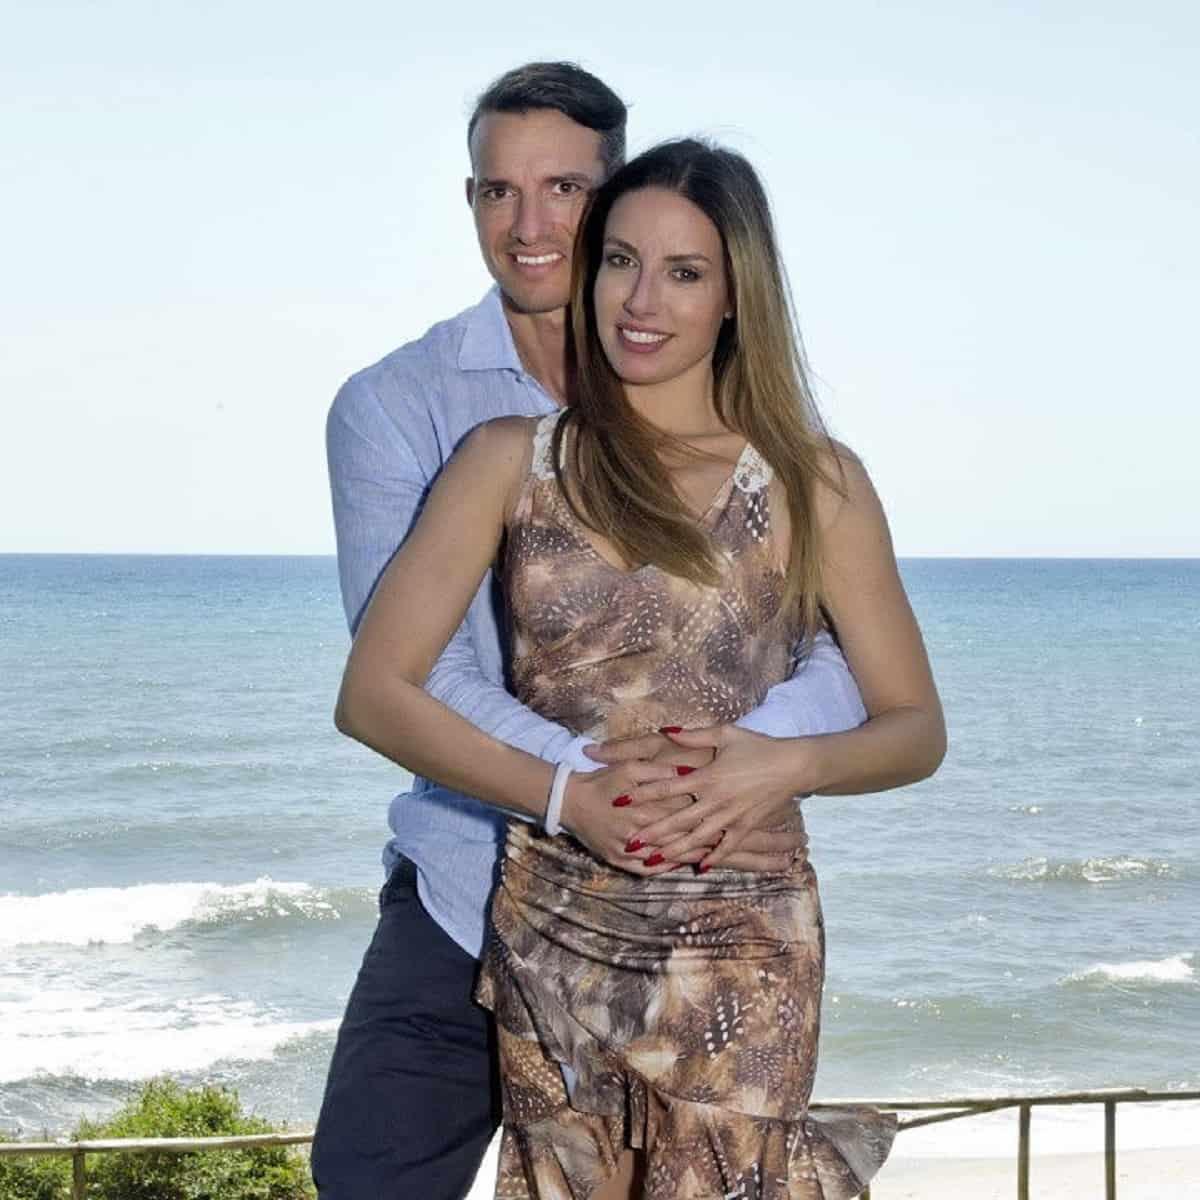 David Scarantino e Cristina Incorvaia coppia Temptation island 2019